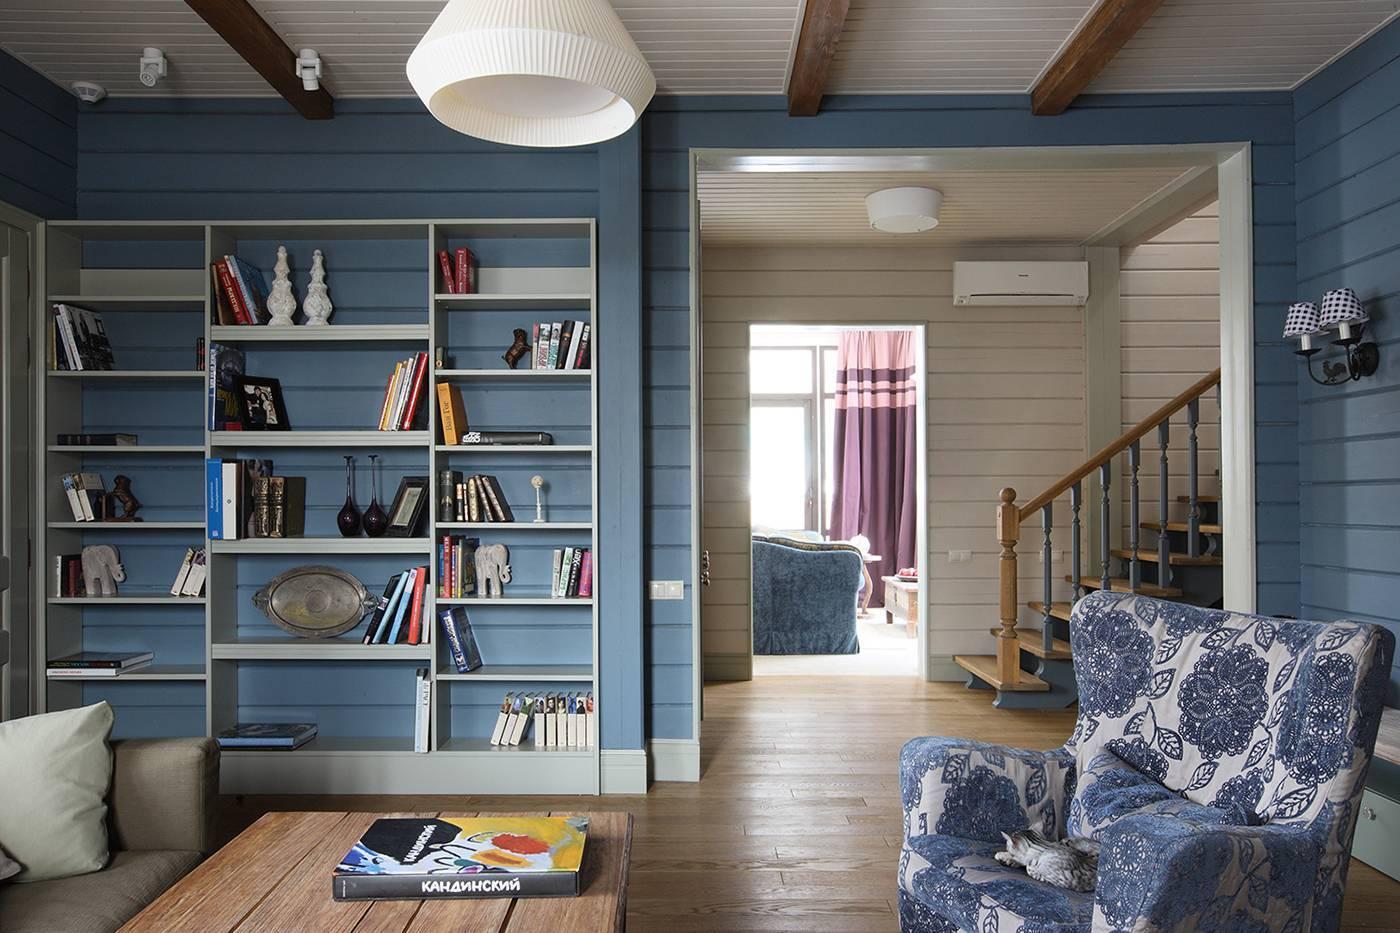 Покраска посеревших стен деревянного дома: чем покрасить внутри и снаружи, в какой цвет покрасить и примеры декоративной покраски идеального цветового решения